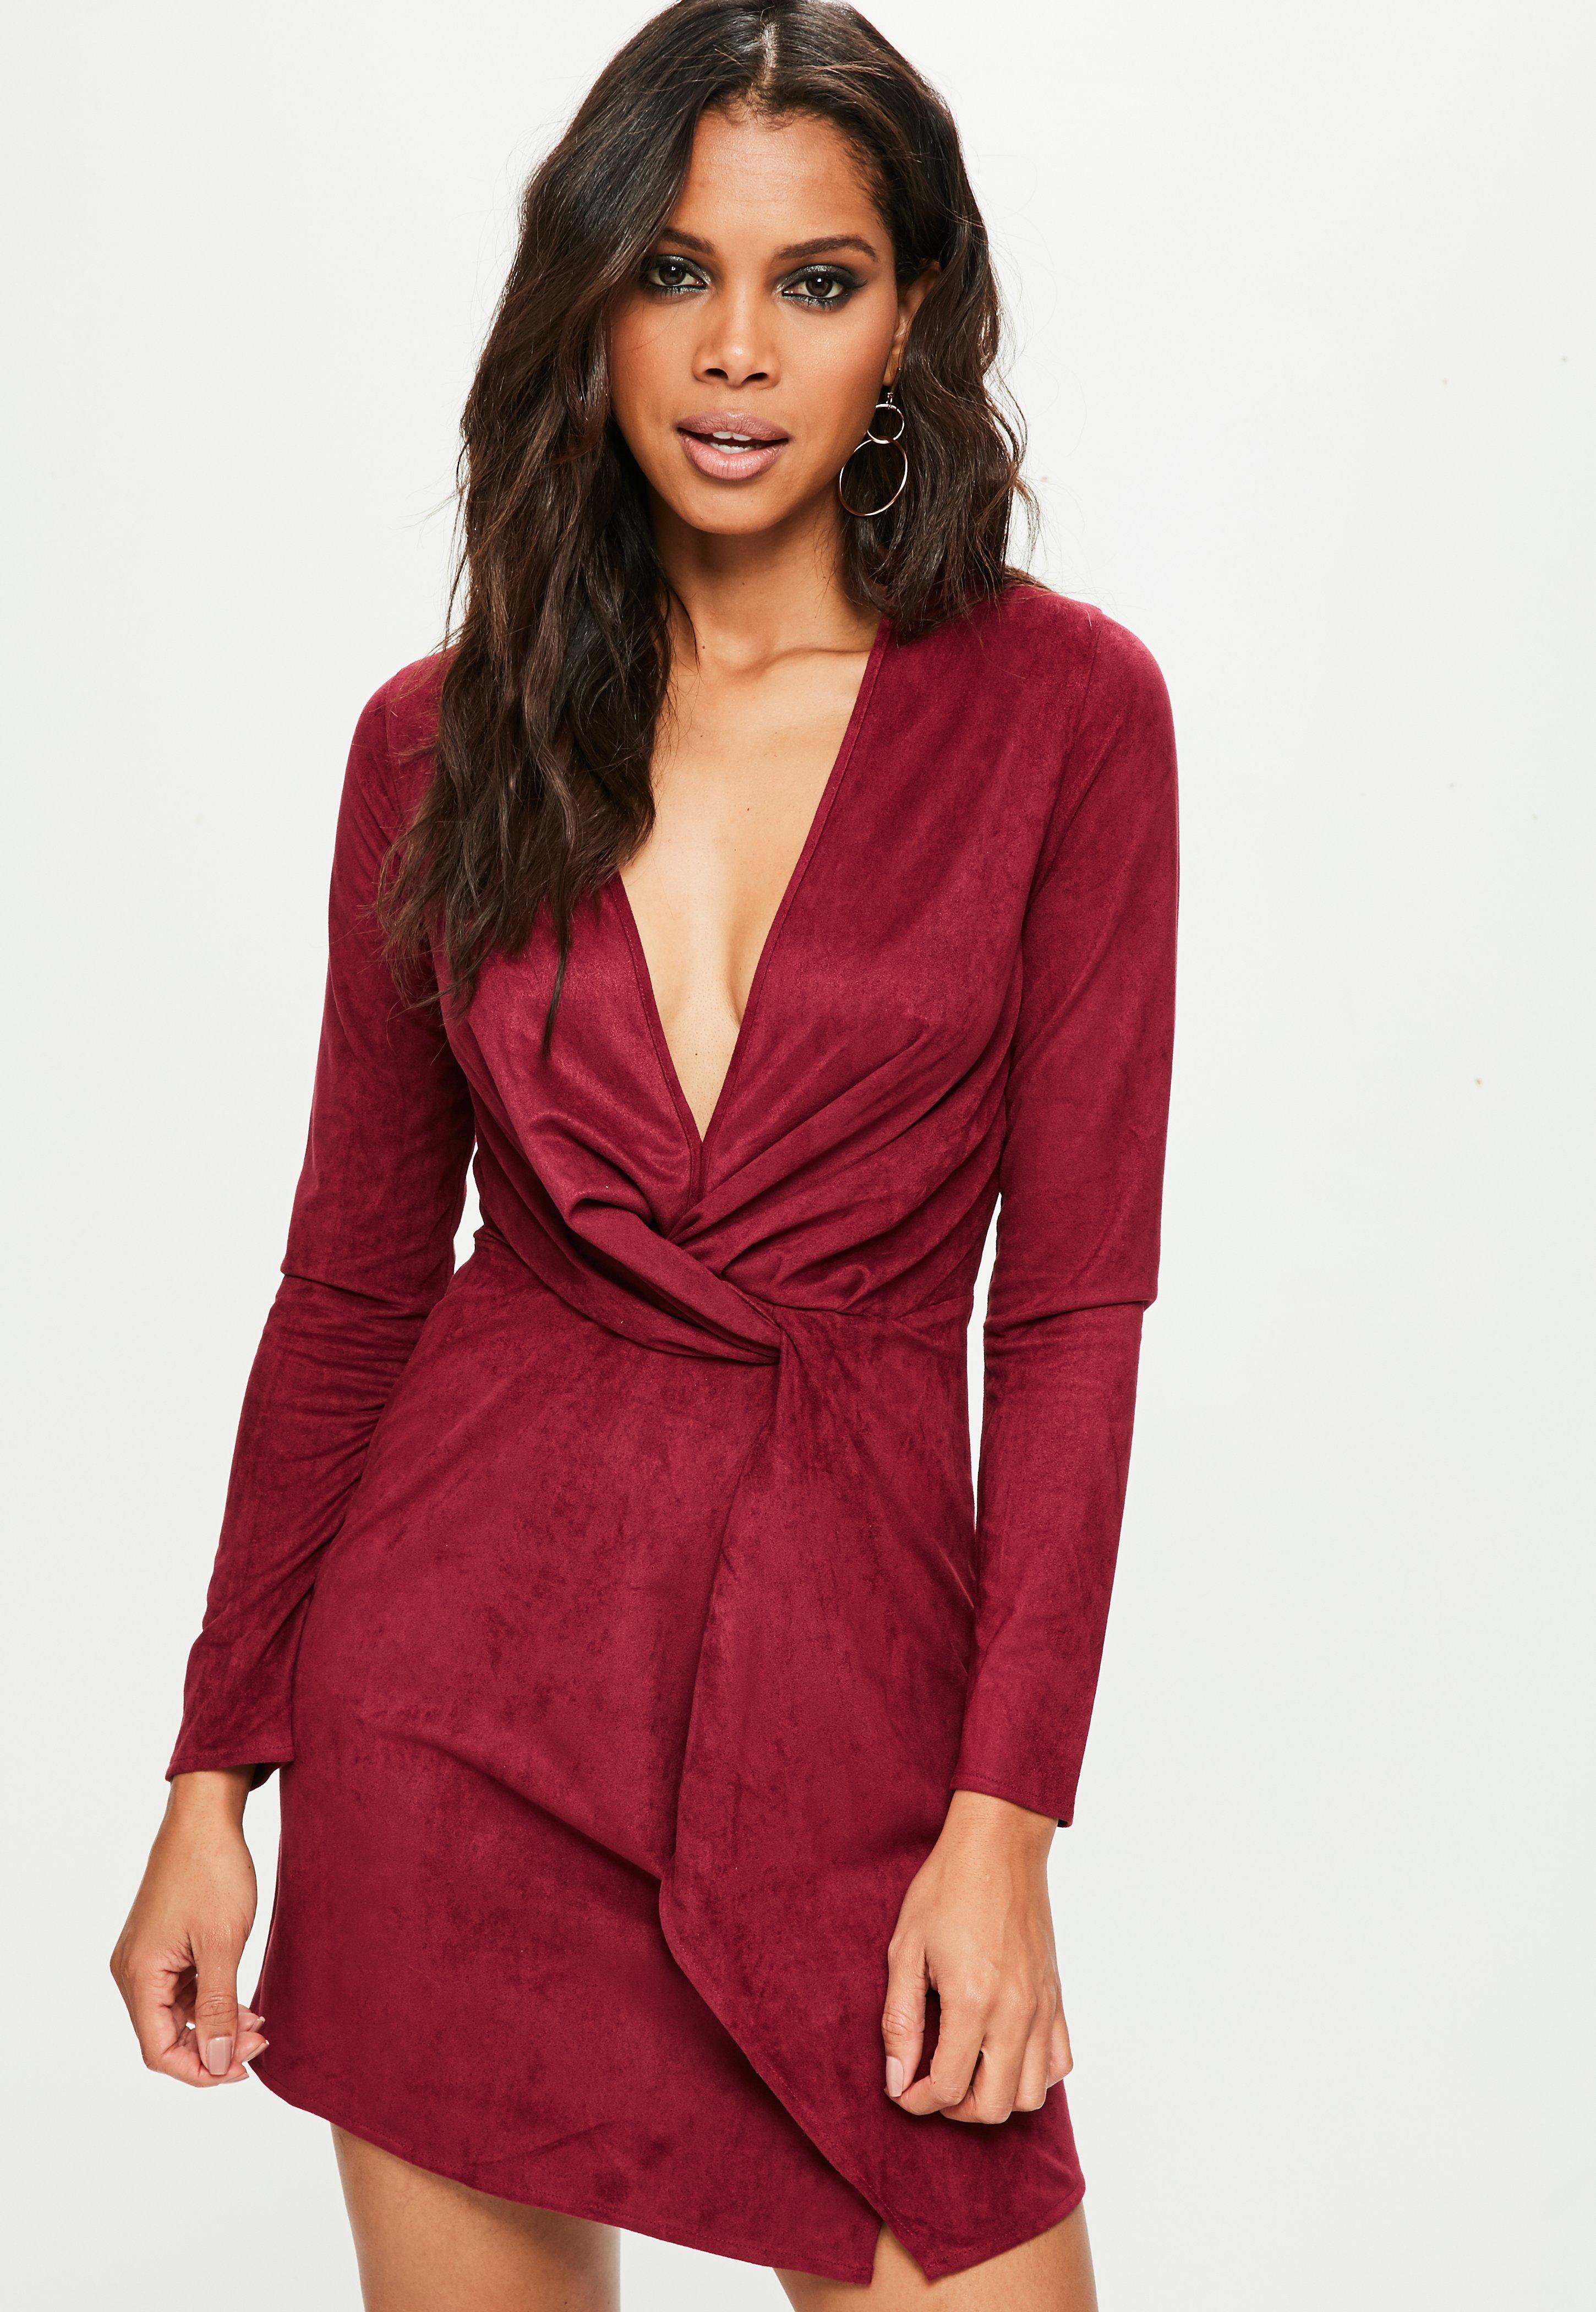 Year 6 prom dresses velvet